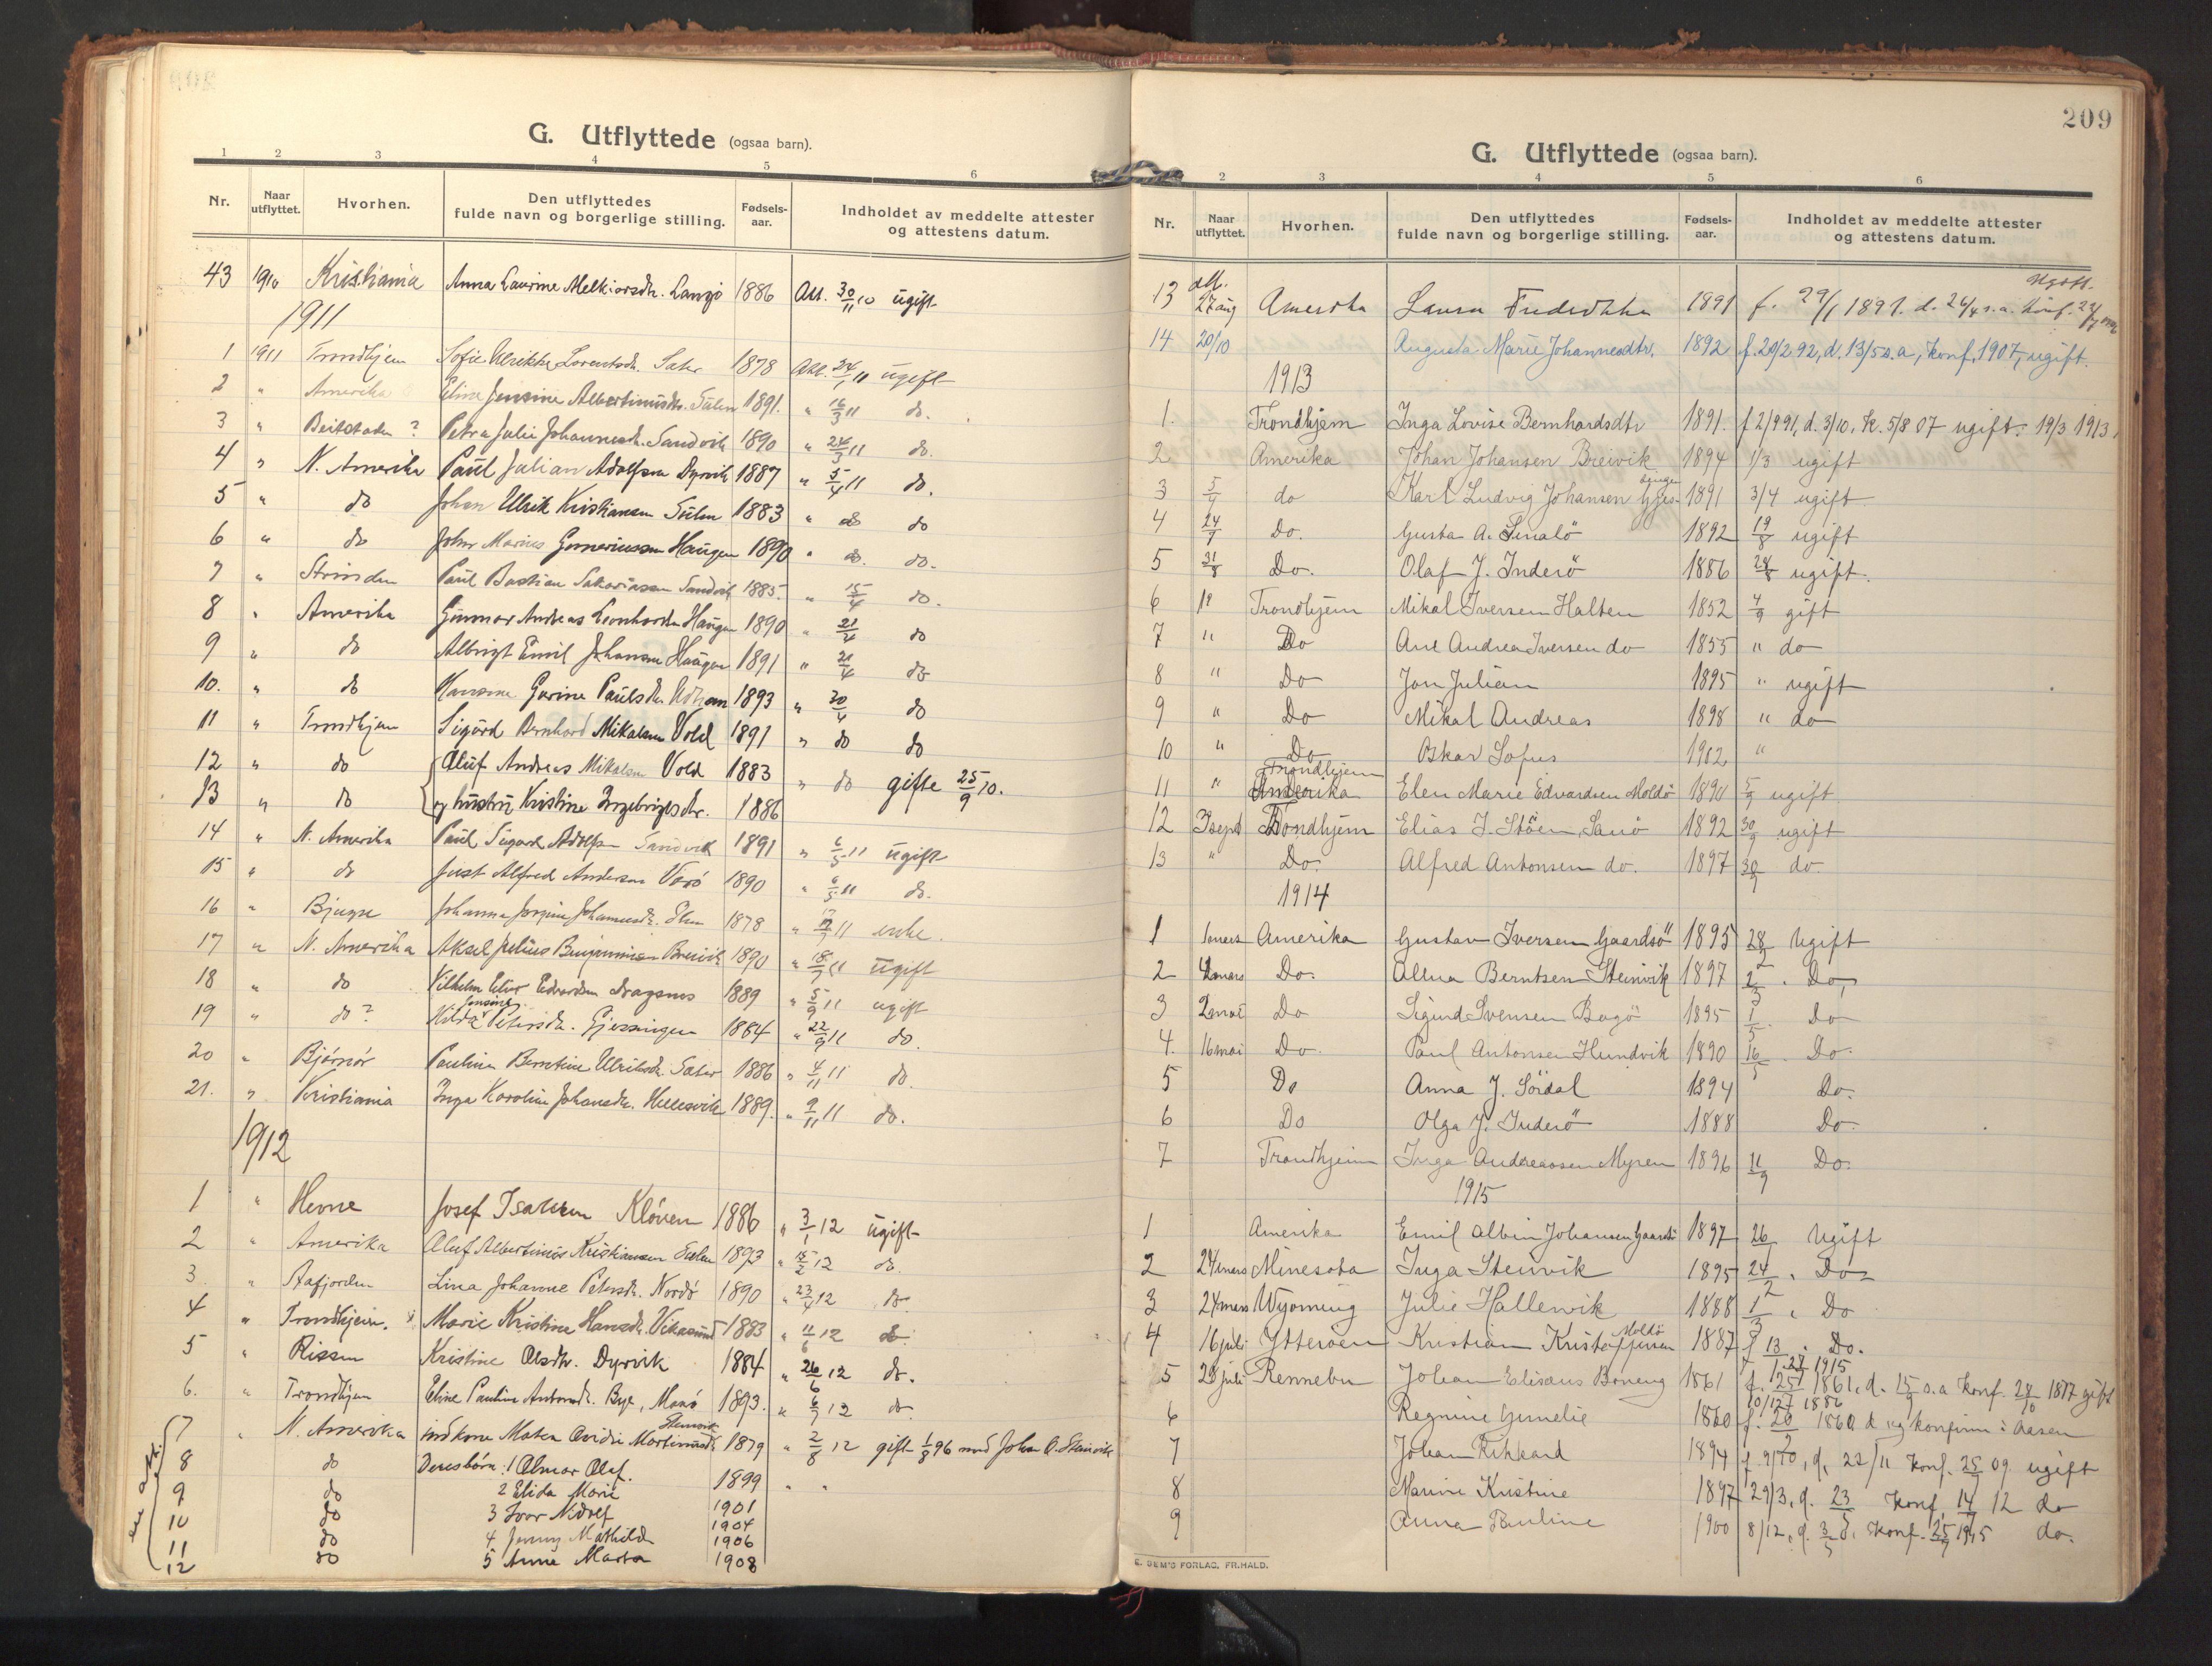 SAT, Ministerialprotokoller, klokkerbøker og fødselsregistre - Sør-Trøndelag, 640/L0581: Ministerialbok nr. 640A06, 1910-1924, s. 209